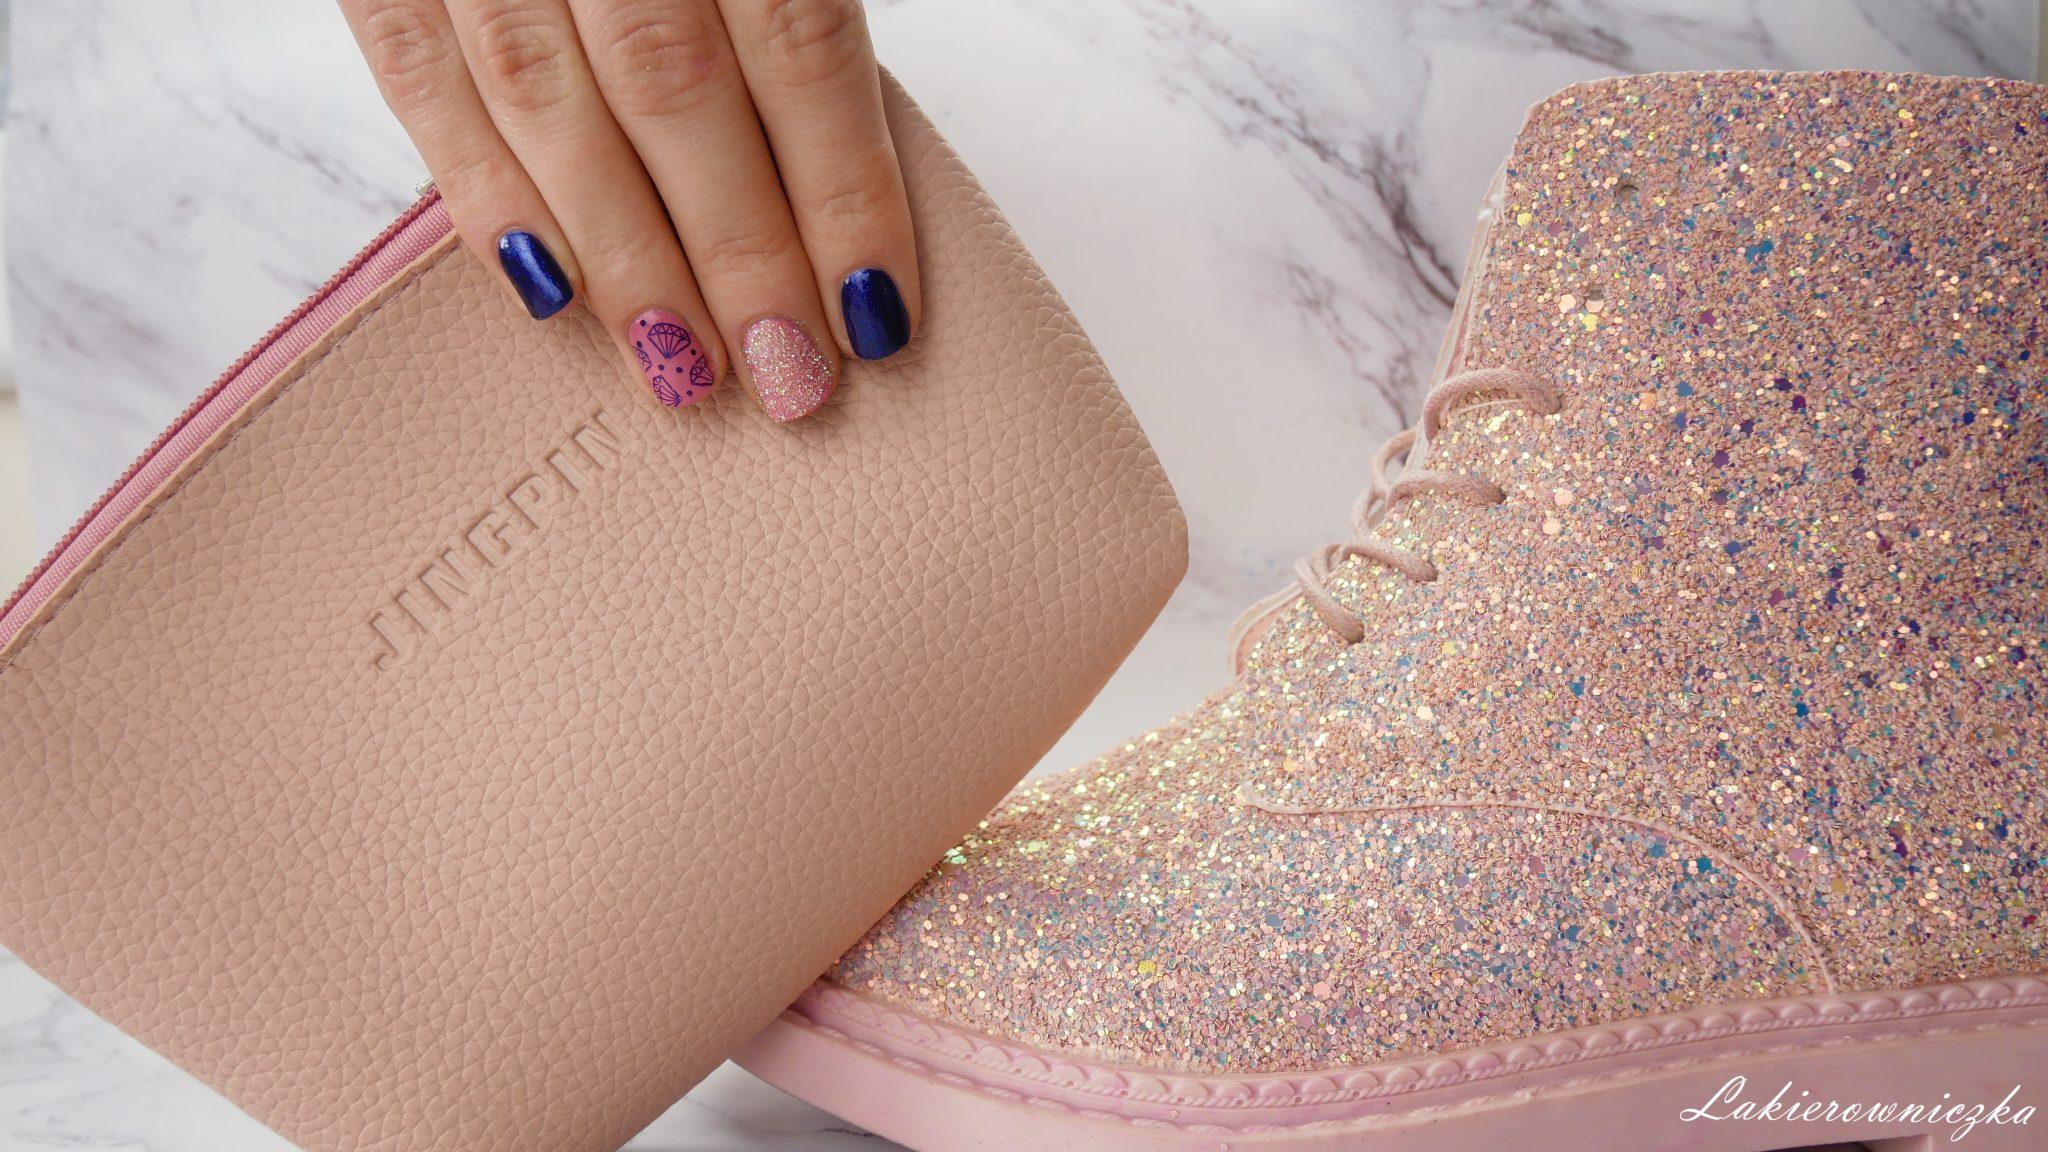 rozowy-zestaw-trebek-brokatowe-buty-z-Gamiss-shiny-shoes-paznokcie-roz-Sally-Hansen-granat-Semilac-Lakierowniczka-brokatowe buty z Gamiss